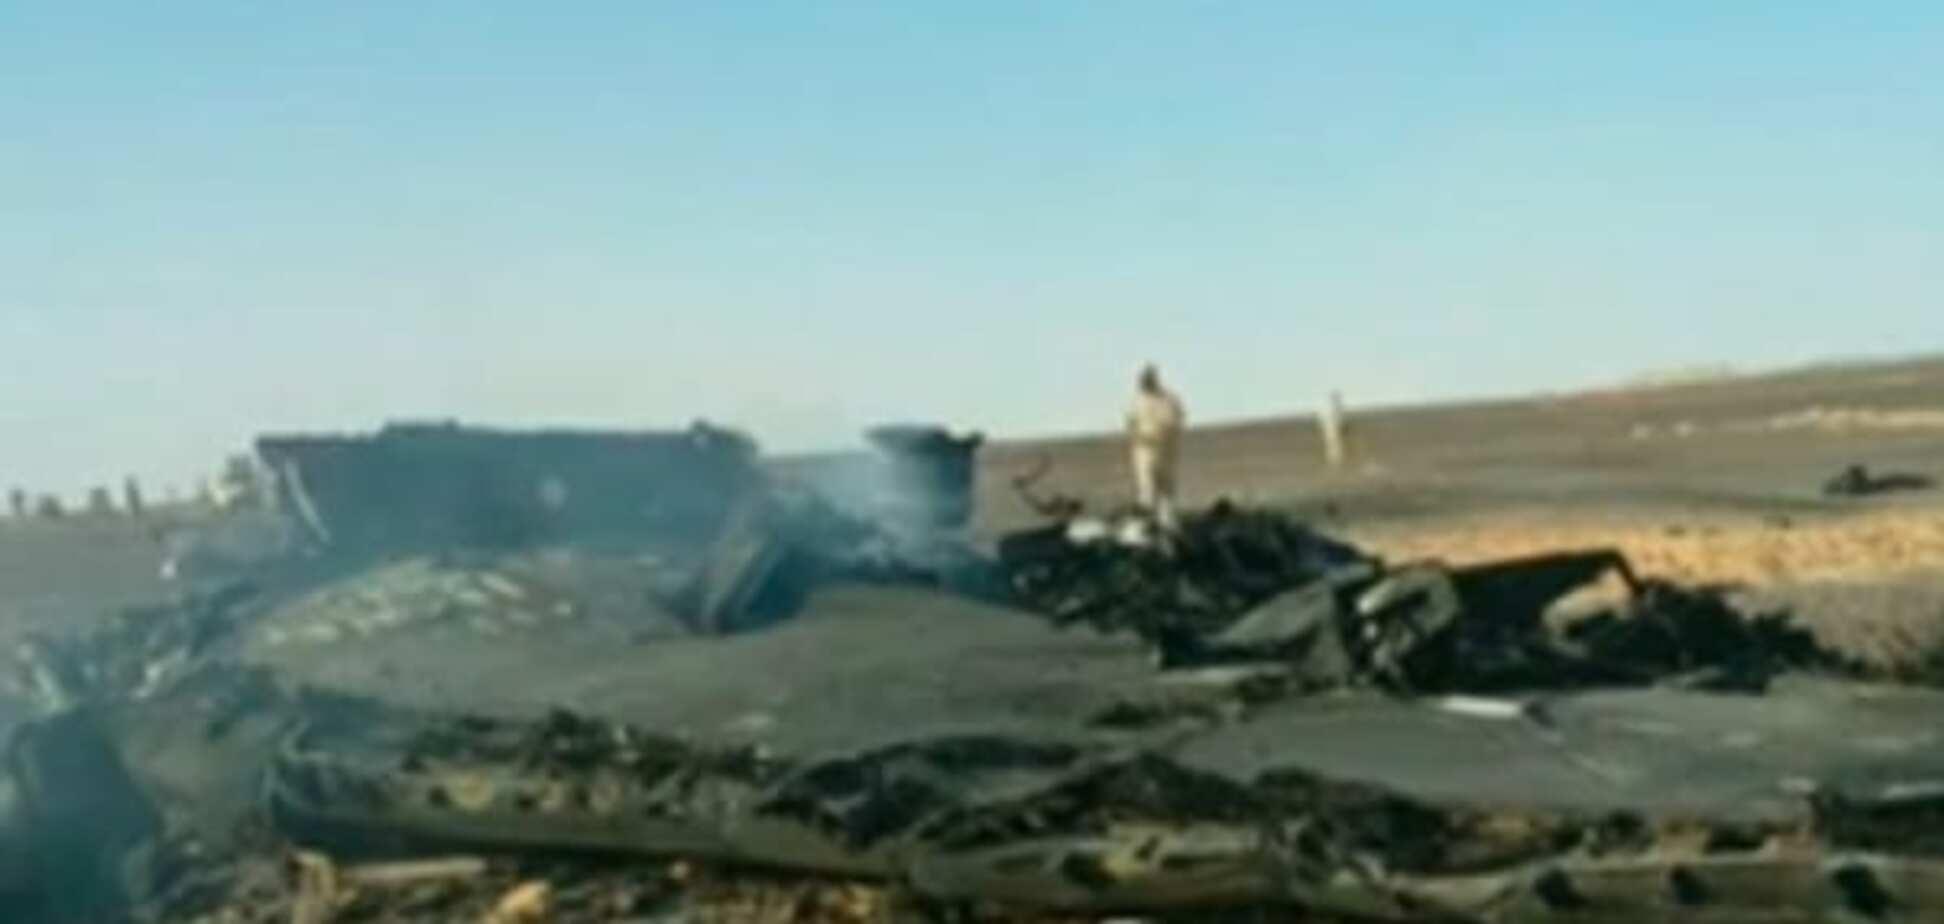 Опубликованы первые фото и видео с места катастрофы Airbus A321